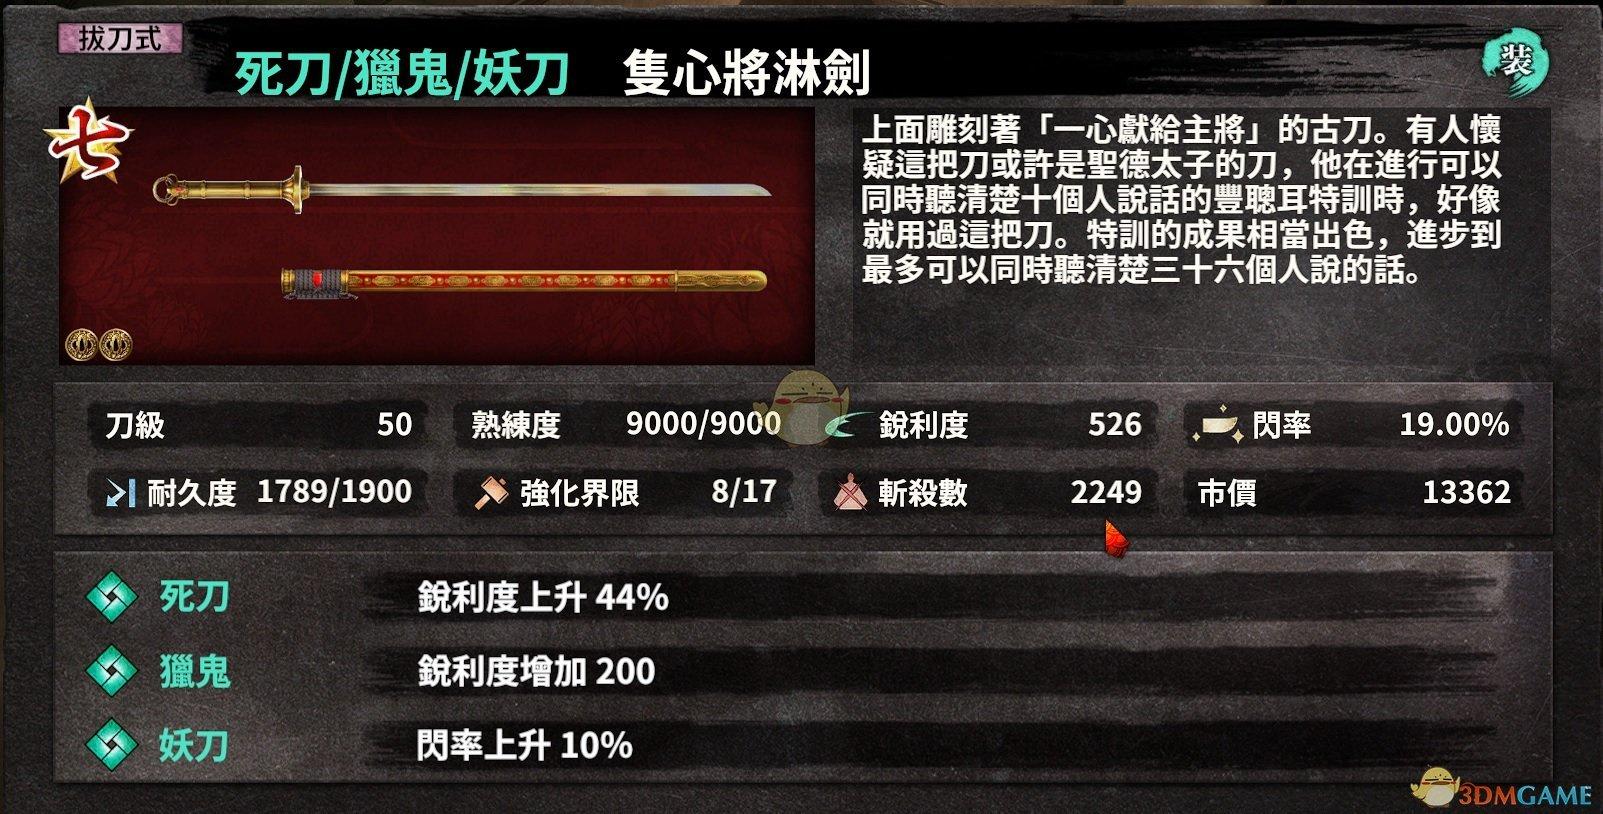 《侍道外传:刀神》快速刷只心剑方法分享